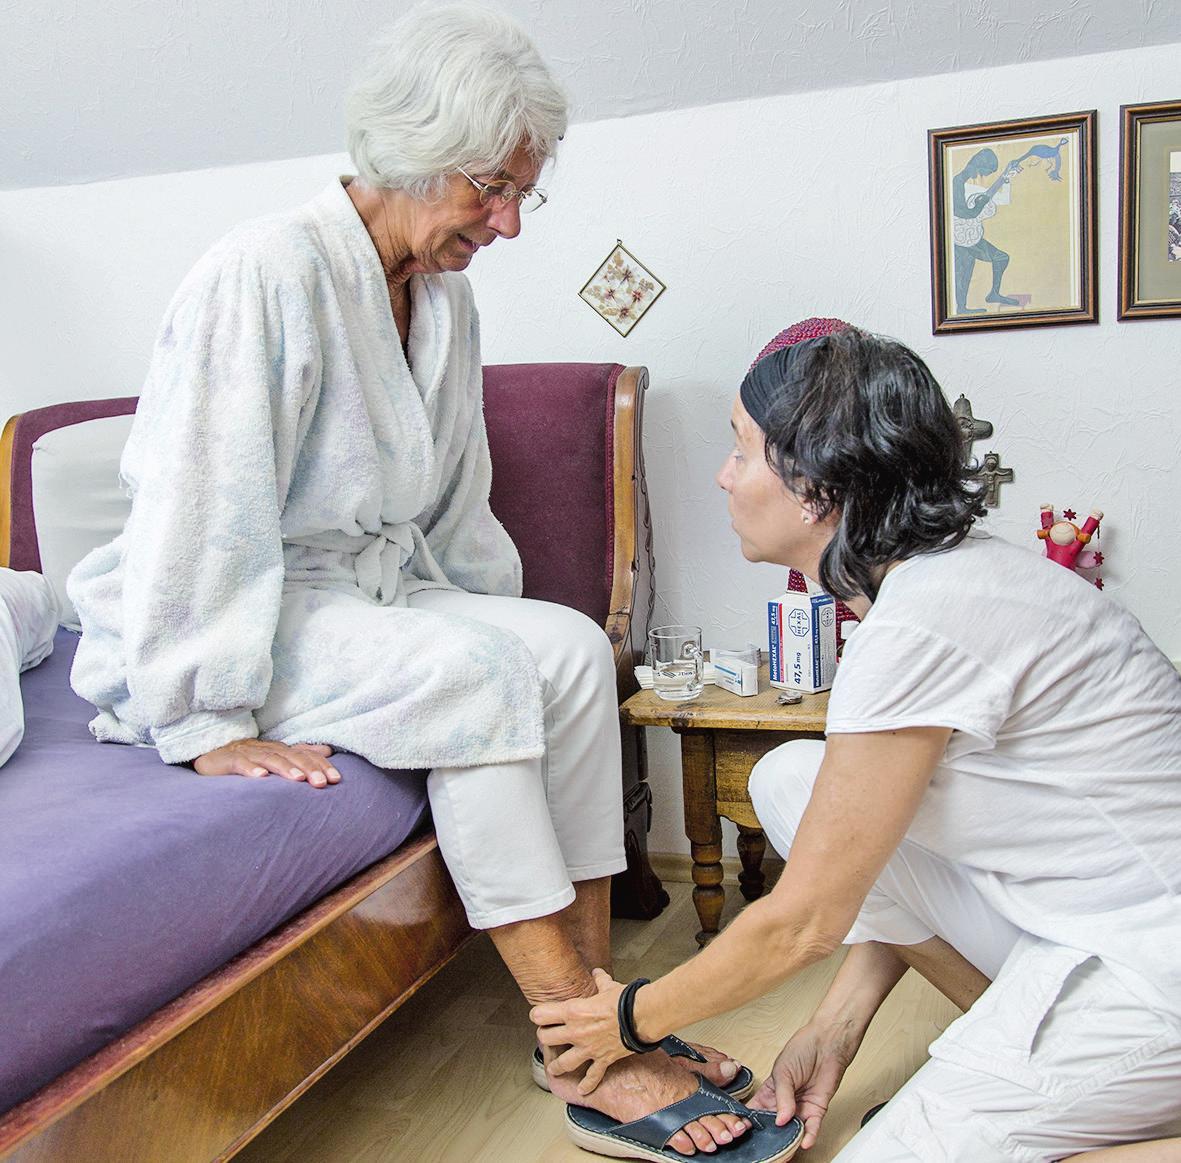 Angehörigen Pflegebedürftiger steht berufliche Auszeit zu.